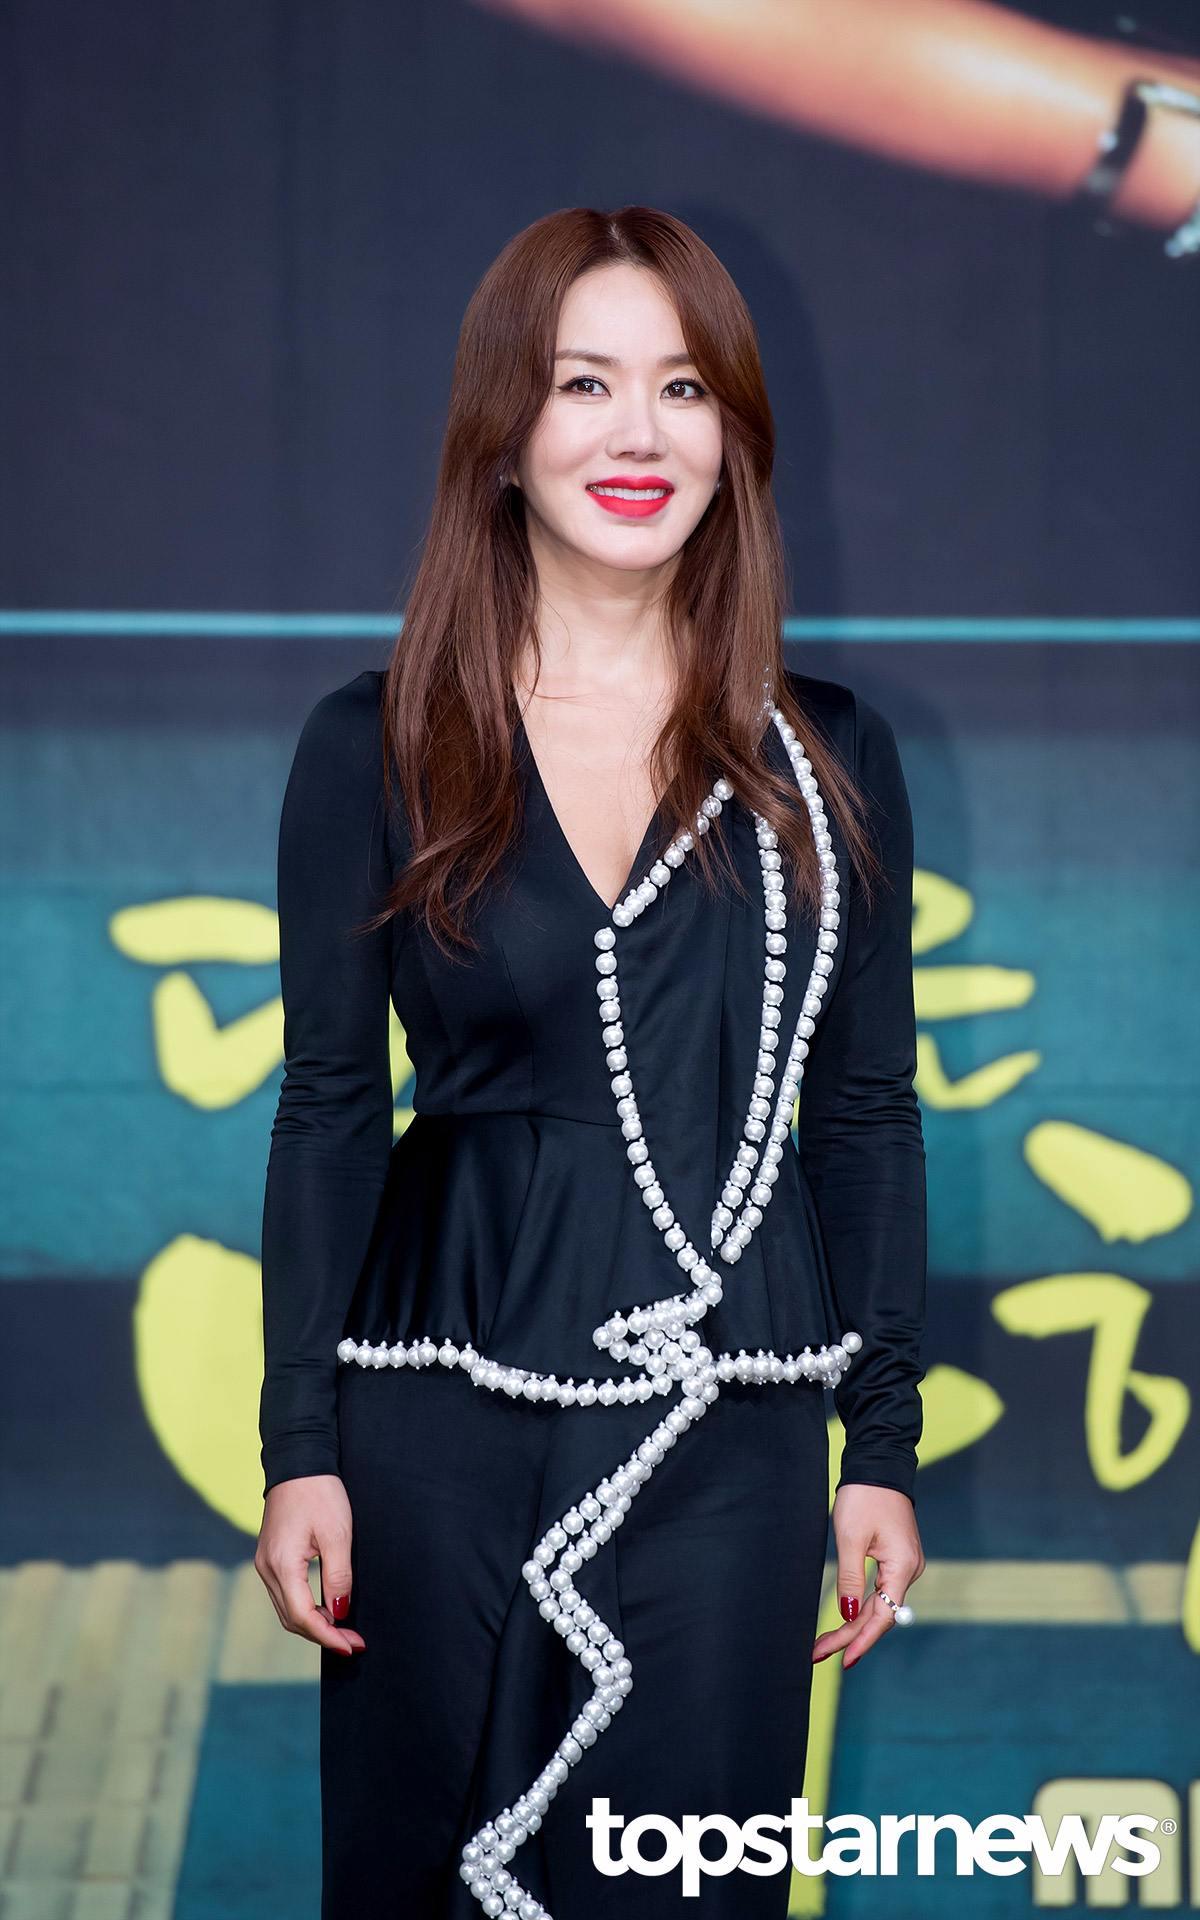 嚴正化 即將於幾年後成為50代的大前輩女演員、女歌手的嚴正化,年輕的時候因為美艷的外貌和較為新奇大膽的演出方式,獲得韓國瑪丹娜的稱號。至今還未結婚的他也被稱為韓國演藝圈的黃金單身女。